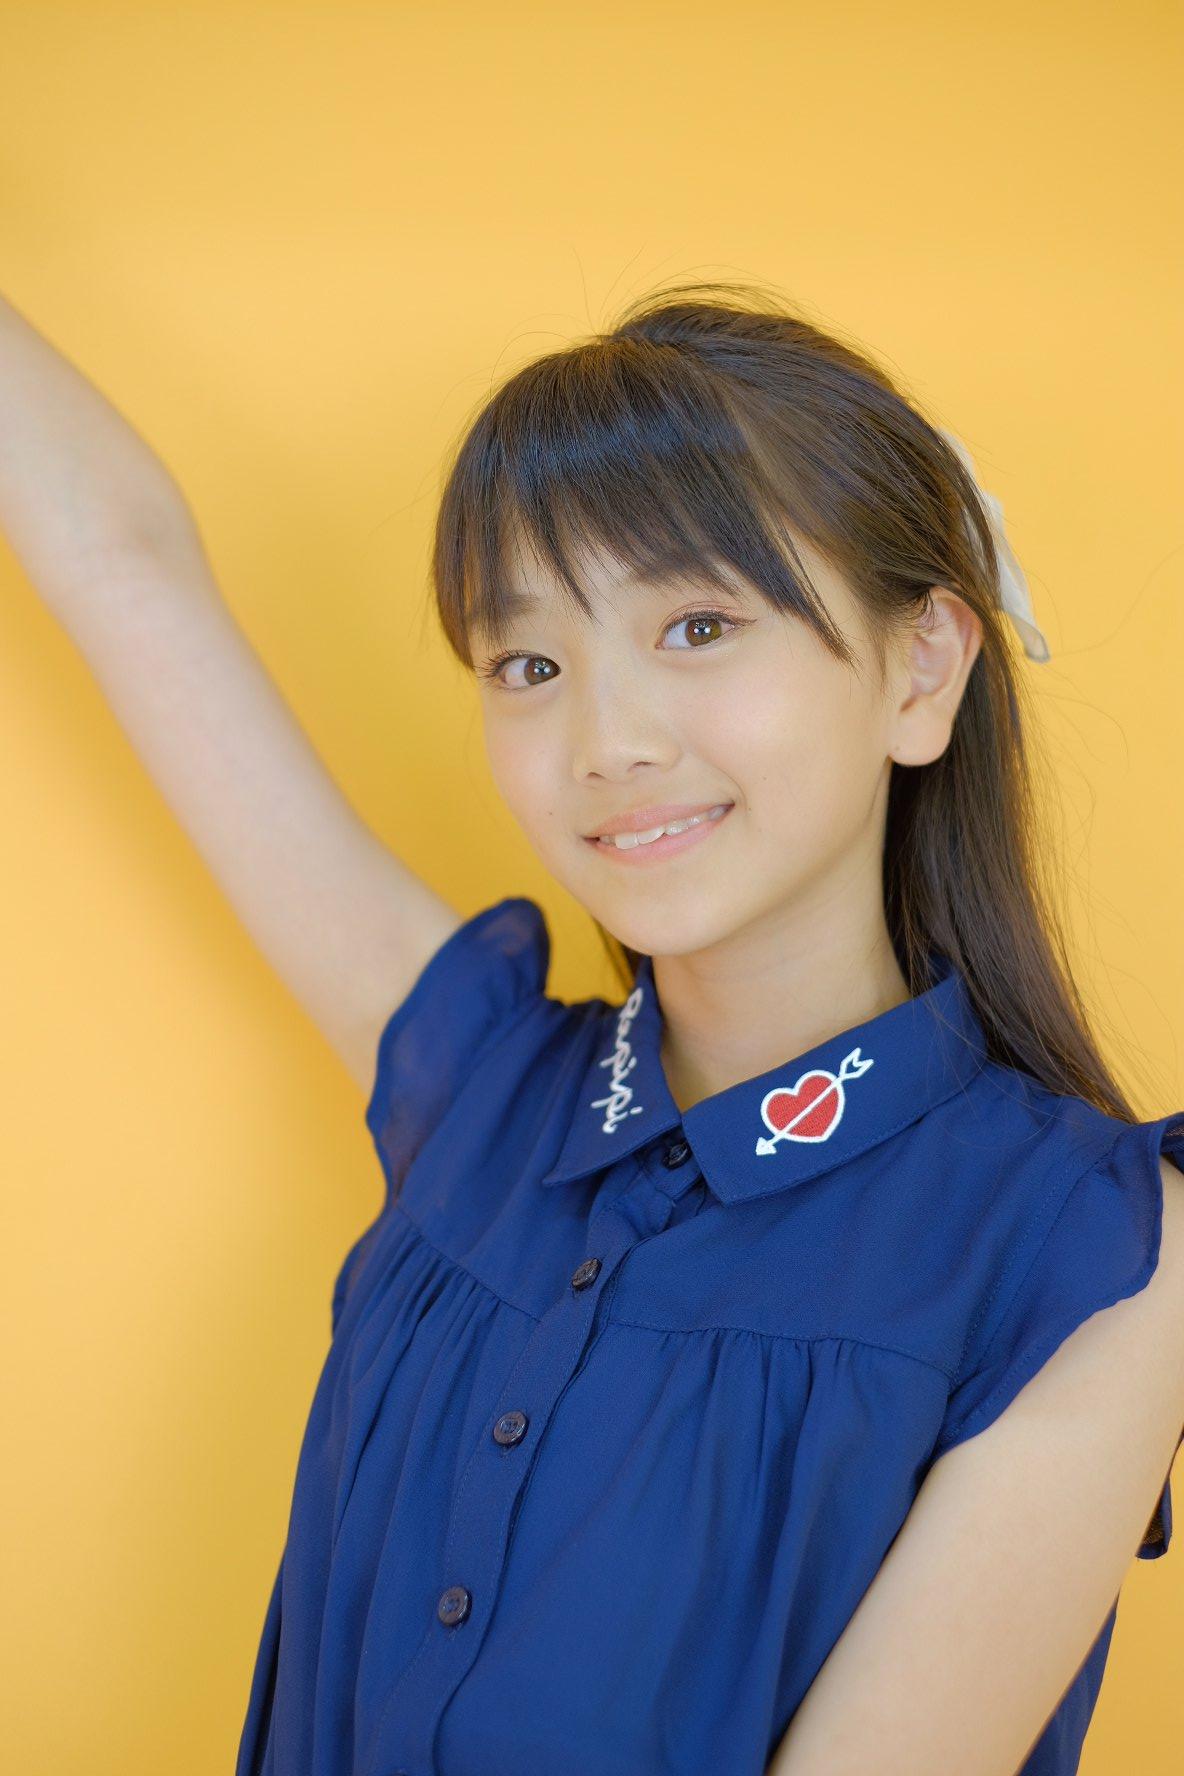 peta2.jp過去の少女五月なみパイパン投稿画像